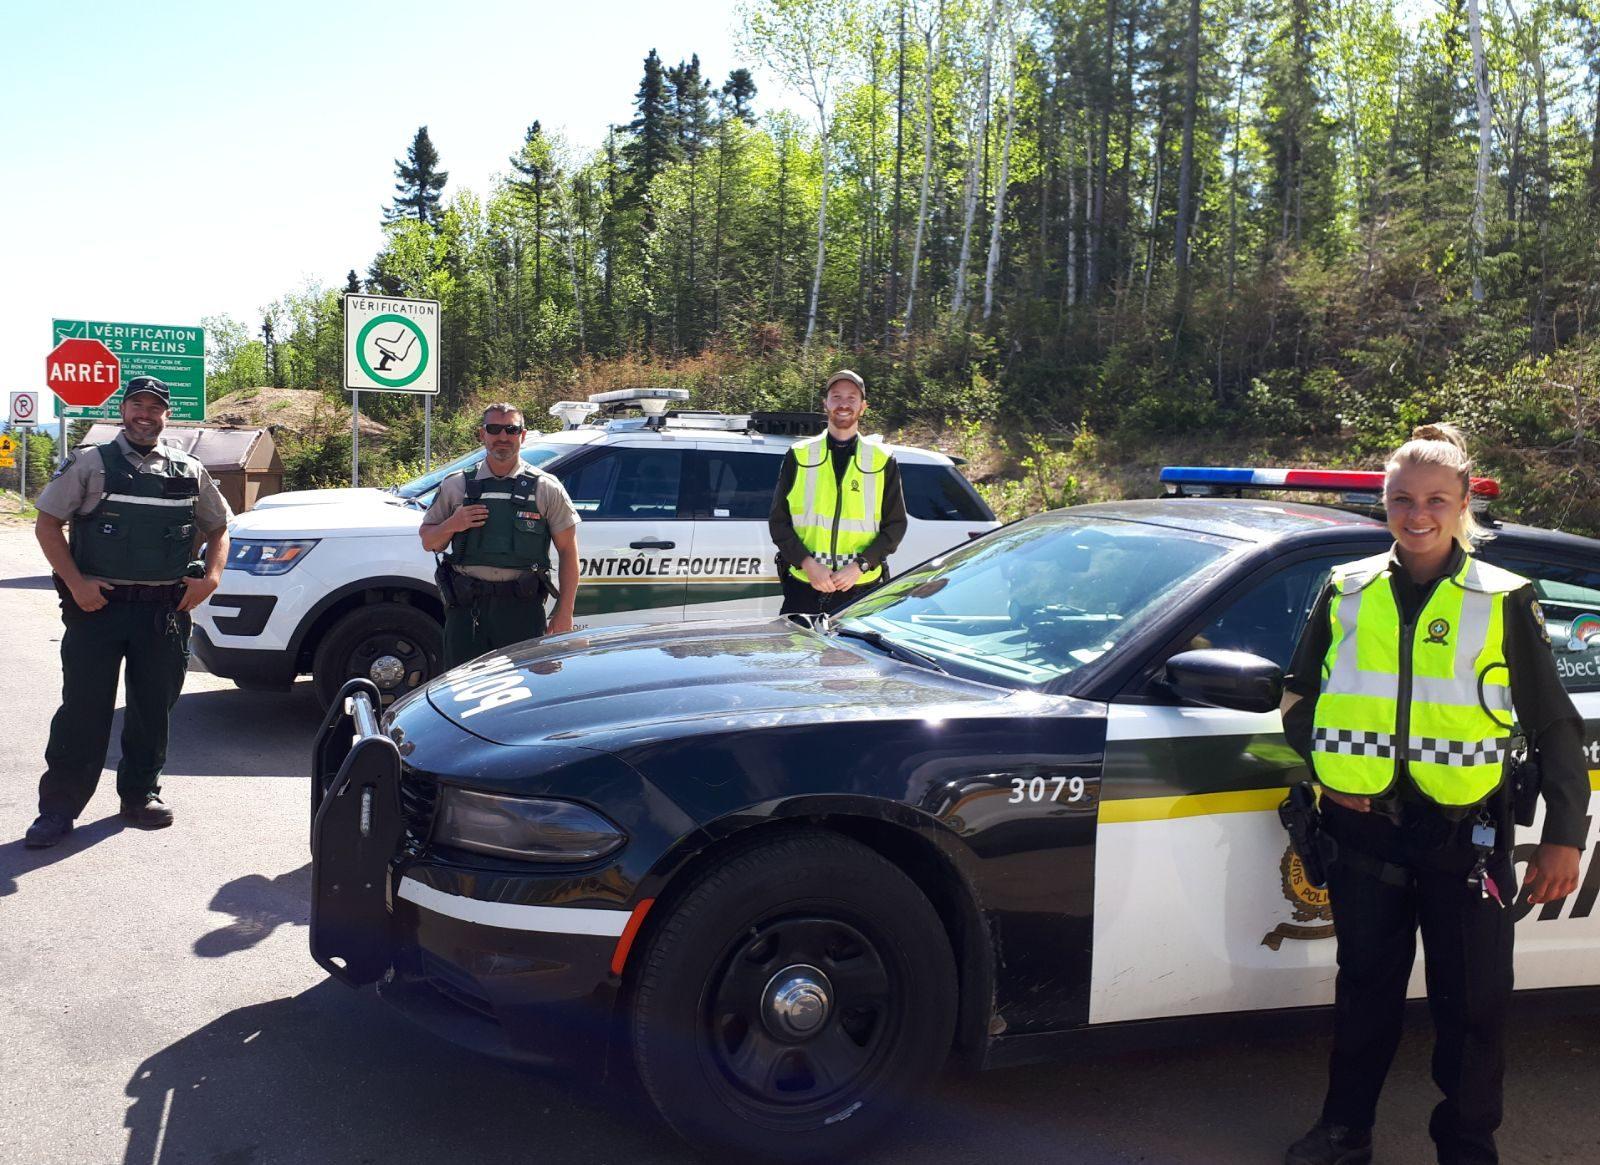 Sûreté du Québec: série de contrôles routiers et de surveillance dans Charlevoix